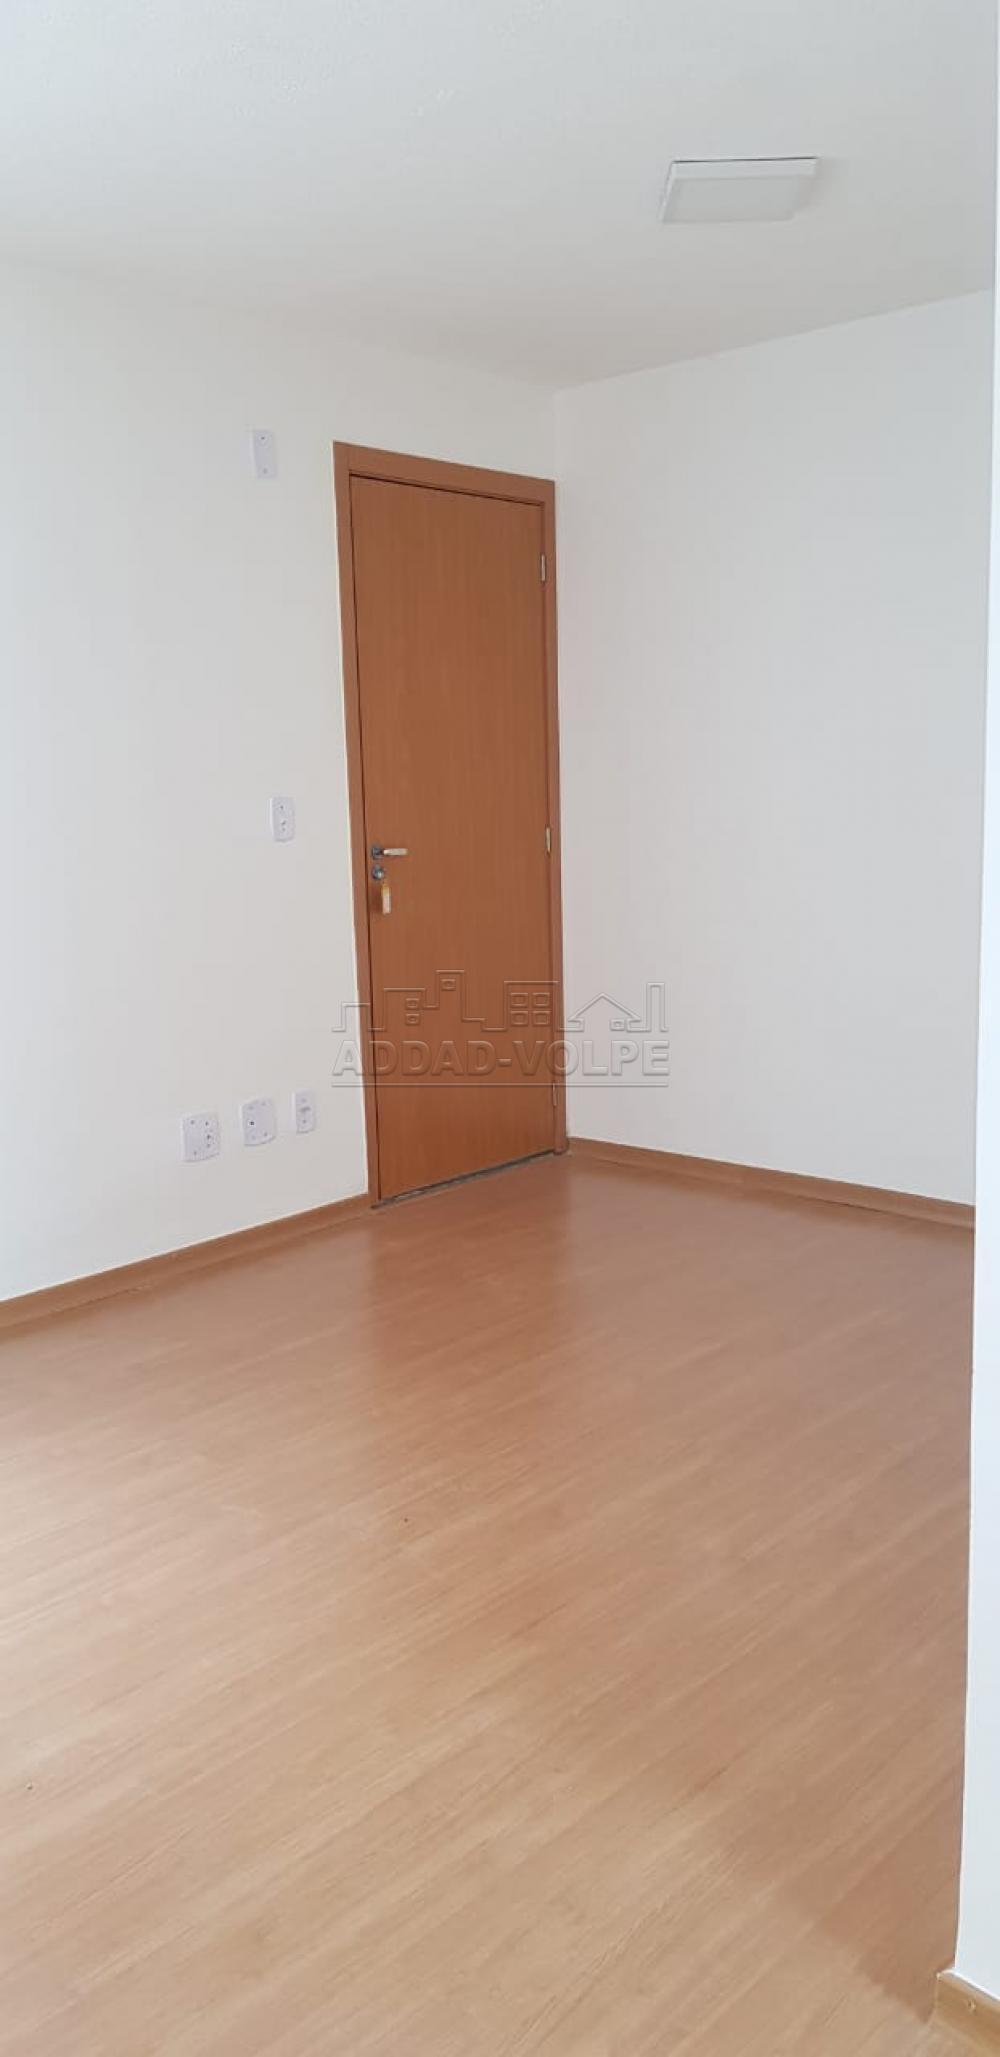 Alugar Apartamento / Padrão em Bauru R$ 650,00 - Foto 4